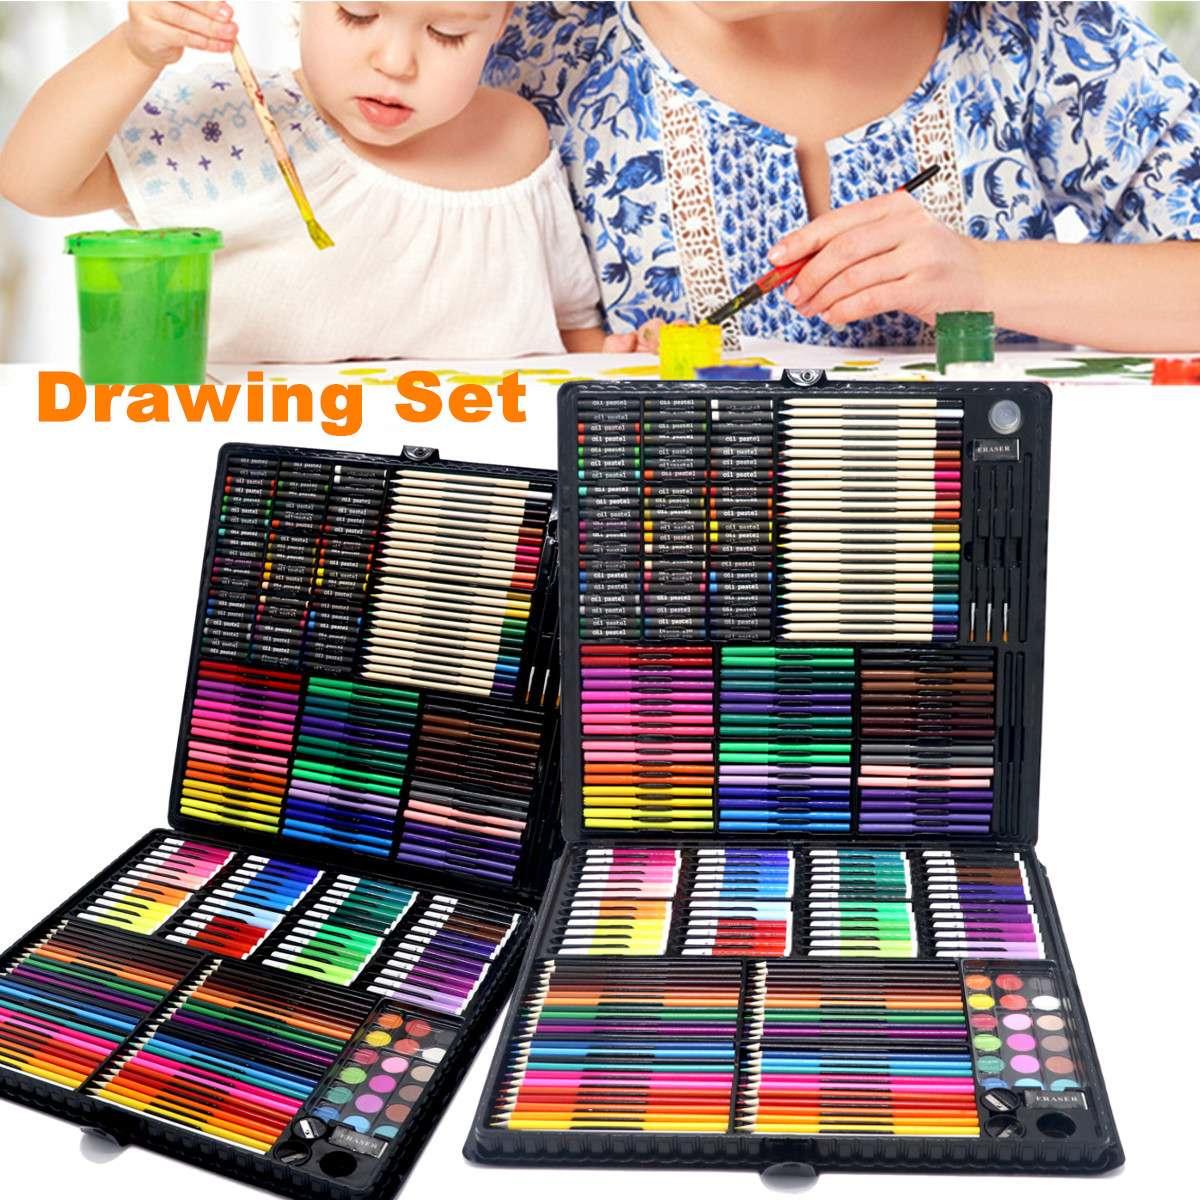 258 pièces professionnel peinture dessin stylo Art ensemble esquisse couleur crayon Pastel gomme peinture boîte cadeau d'anniversaire - 2